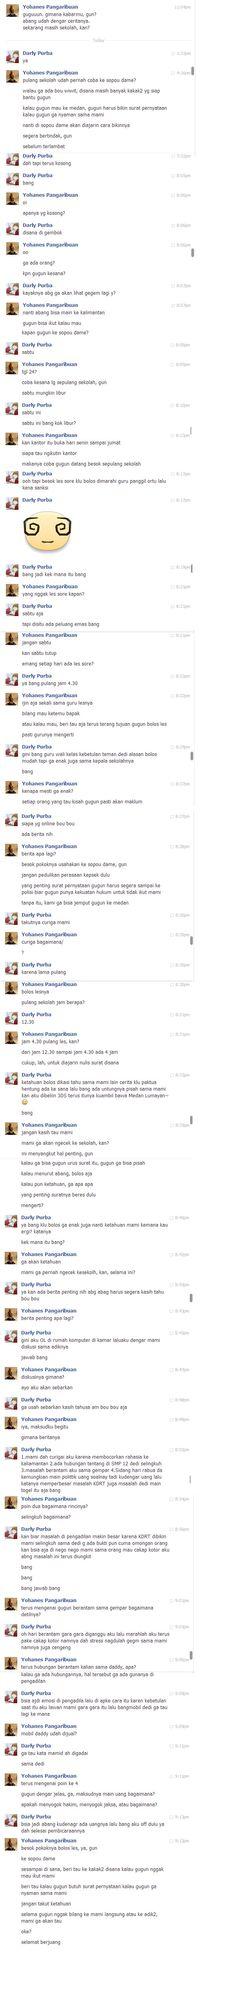 Chat-log dengan Guntur Purba tanggal 26 Agustus 2013.